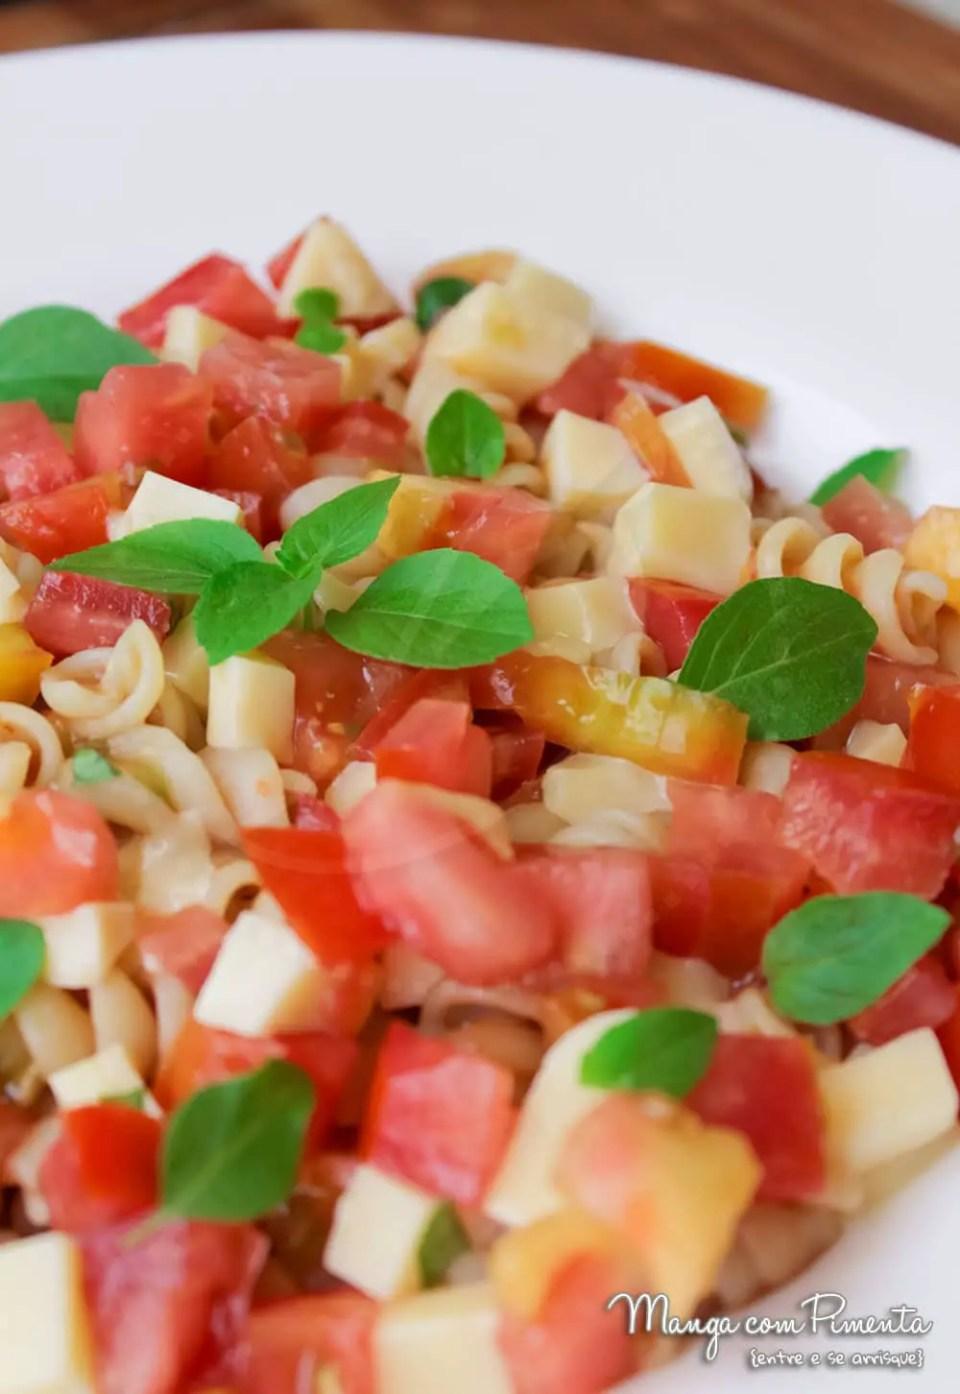 Macarrão para o almoço de domingo: 5 receitas para você escolher